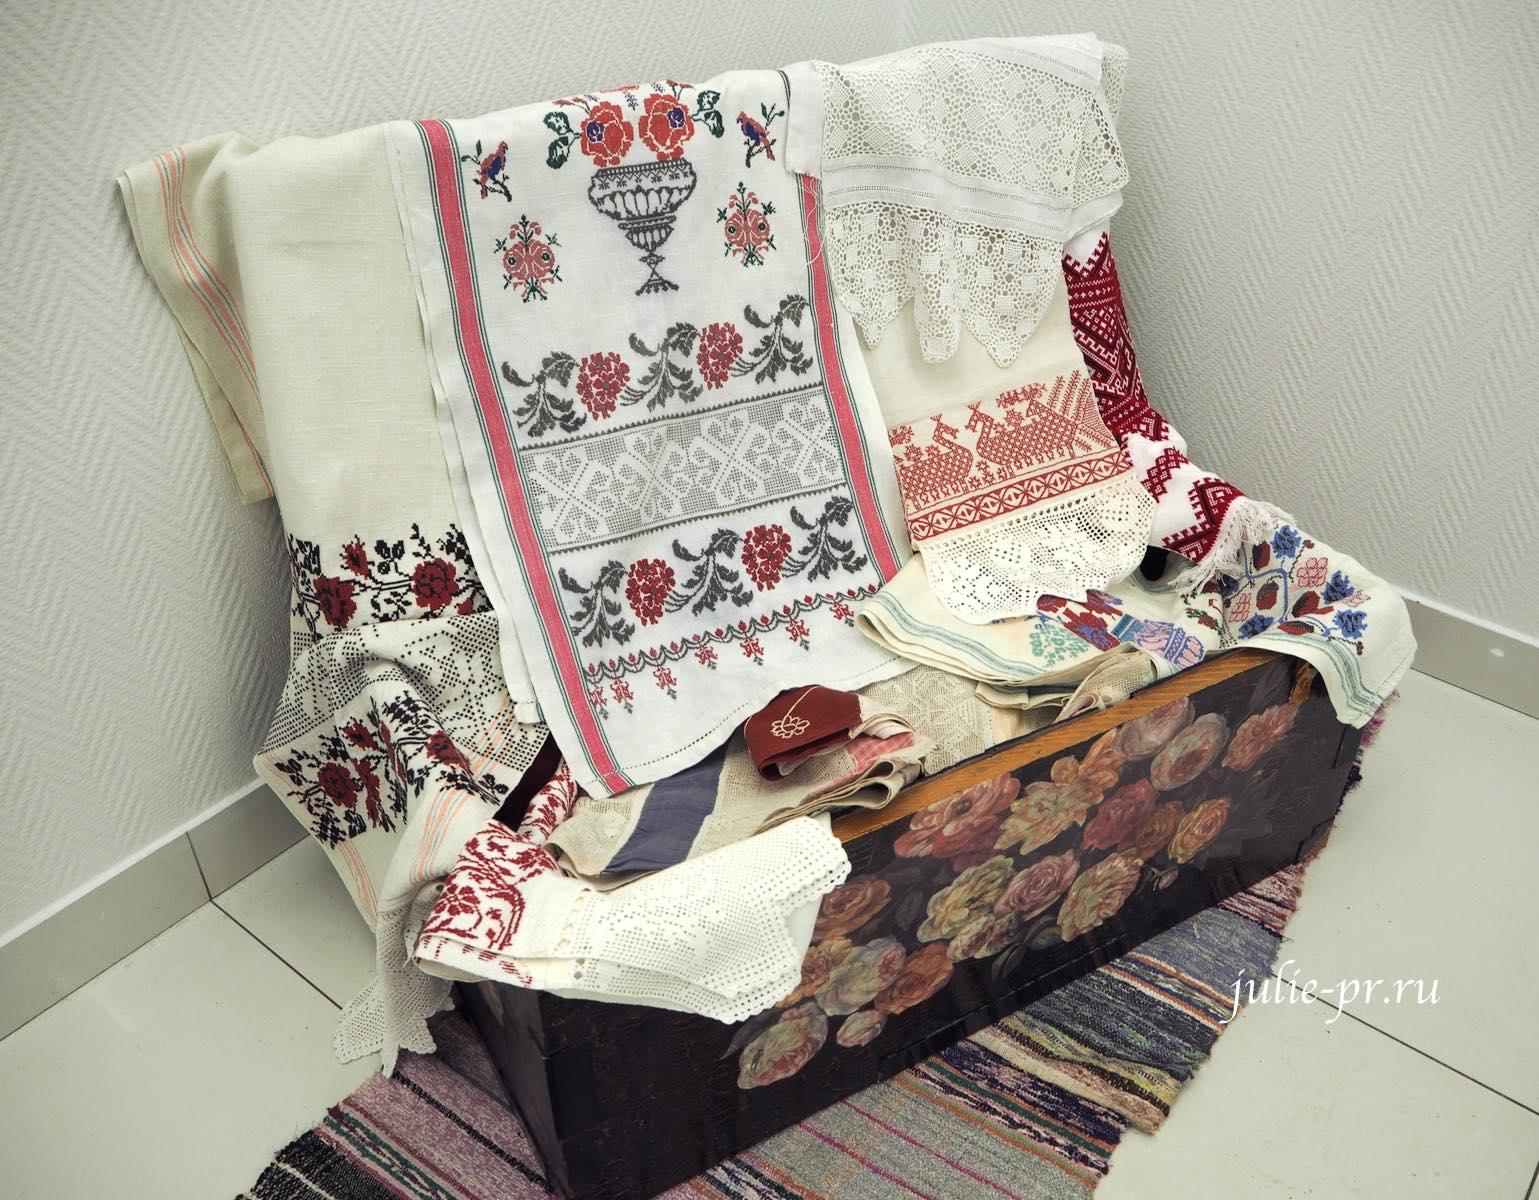 старинные вышивки крестом, выставка, Иголочка тонка, да достаёт до сердца, Санкт-Петербург,